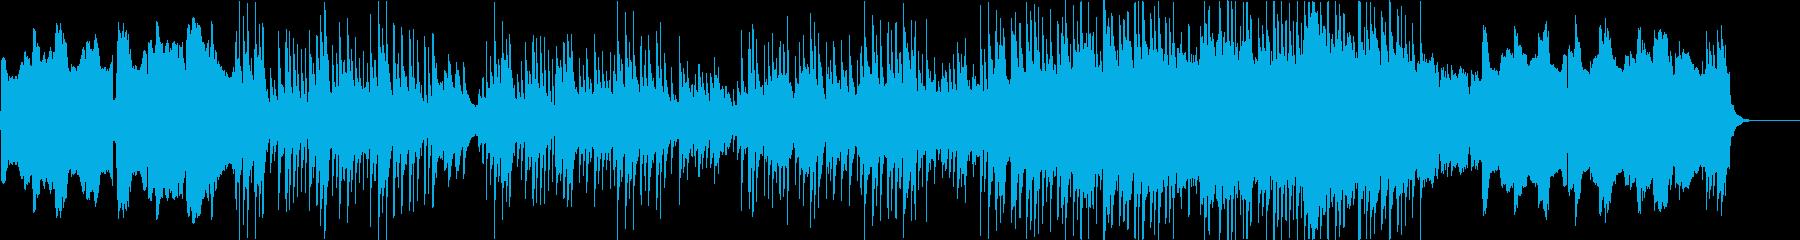 和を感じる儚い旋律が特徴的な尺八と琴の曲の再生済みの波形